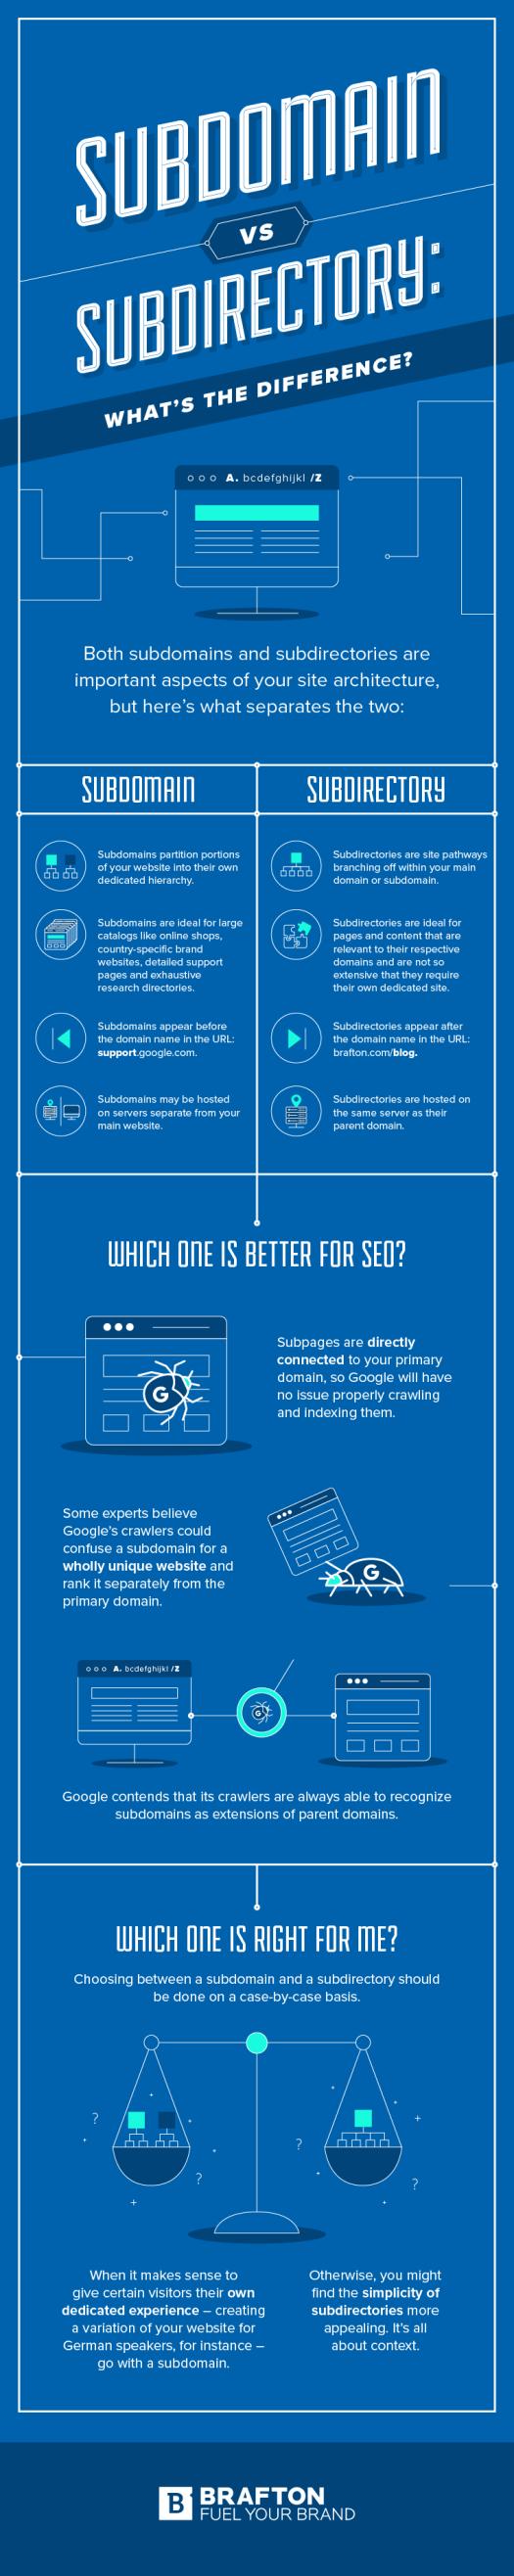 WordPress: Qu'est-ce qu'un sous-domaine et quel est son impact sur le référencement? [Infographic]